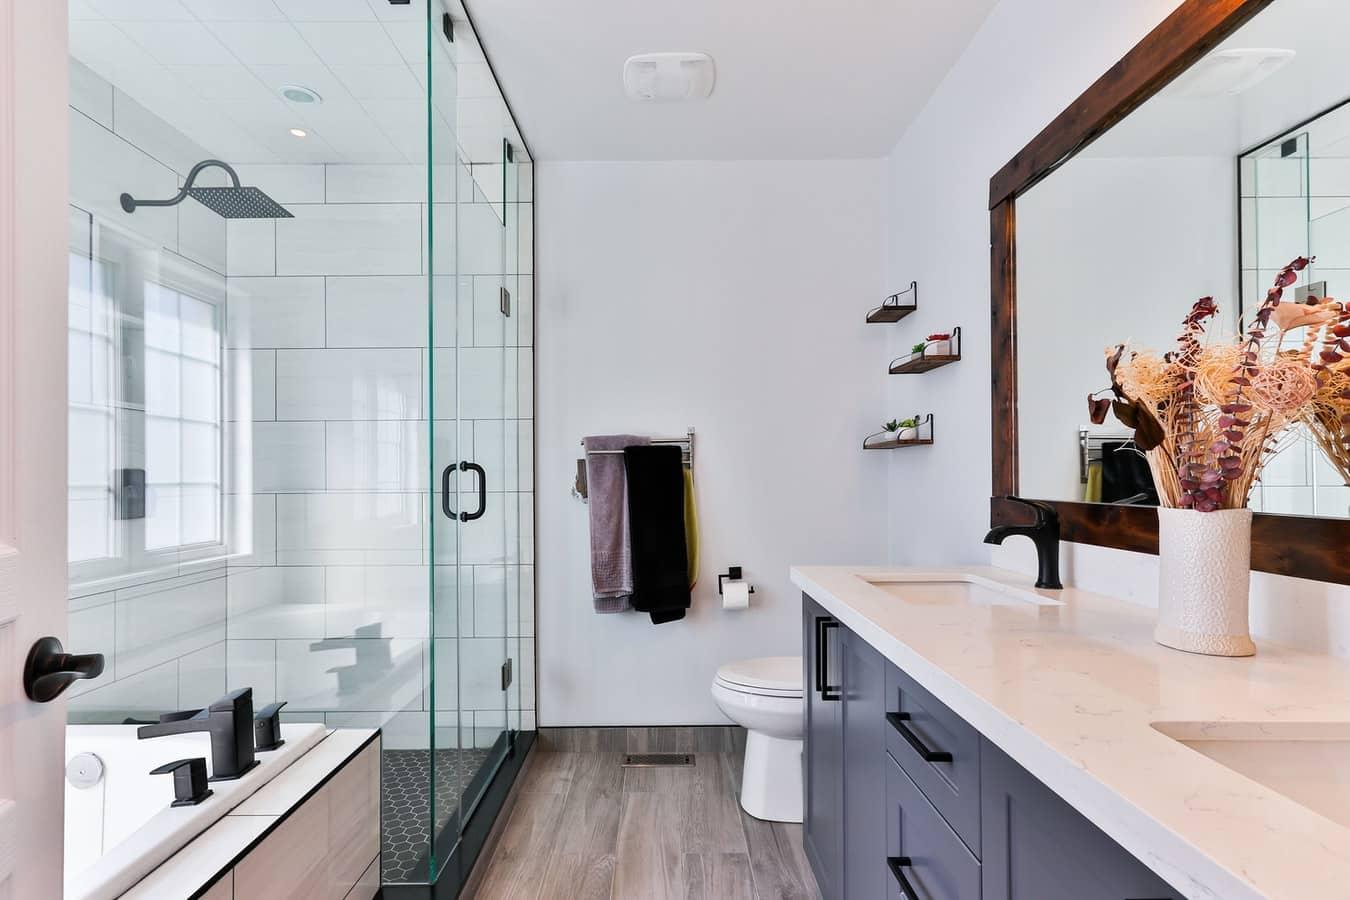 Comment moderniser une salle de bain ? - Ici et là Immobilier